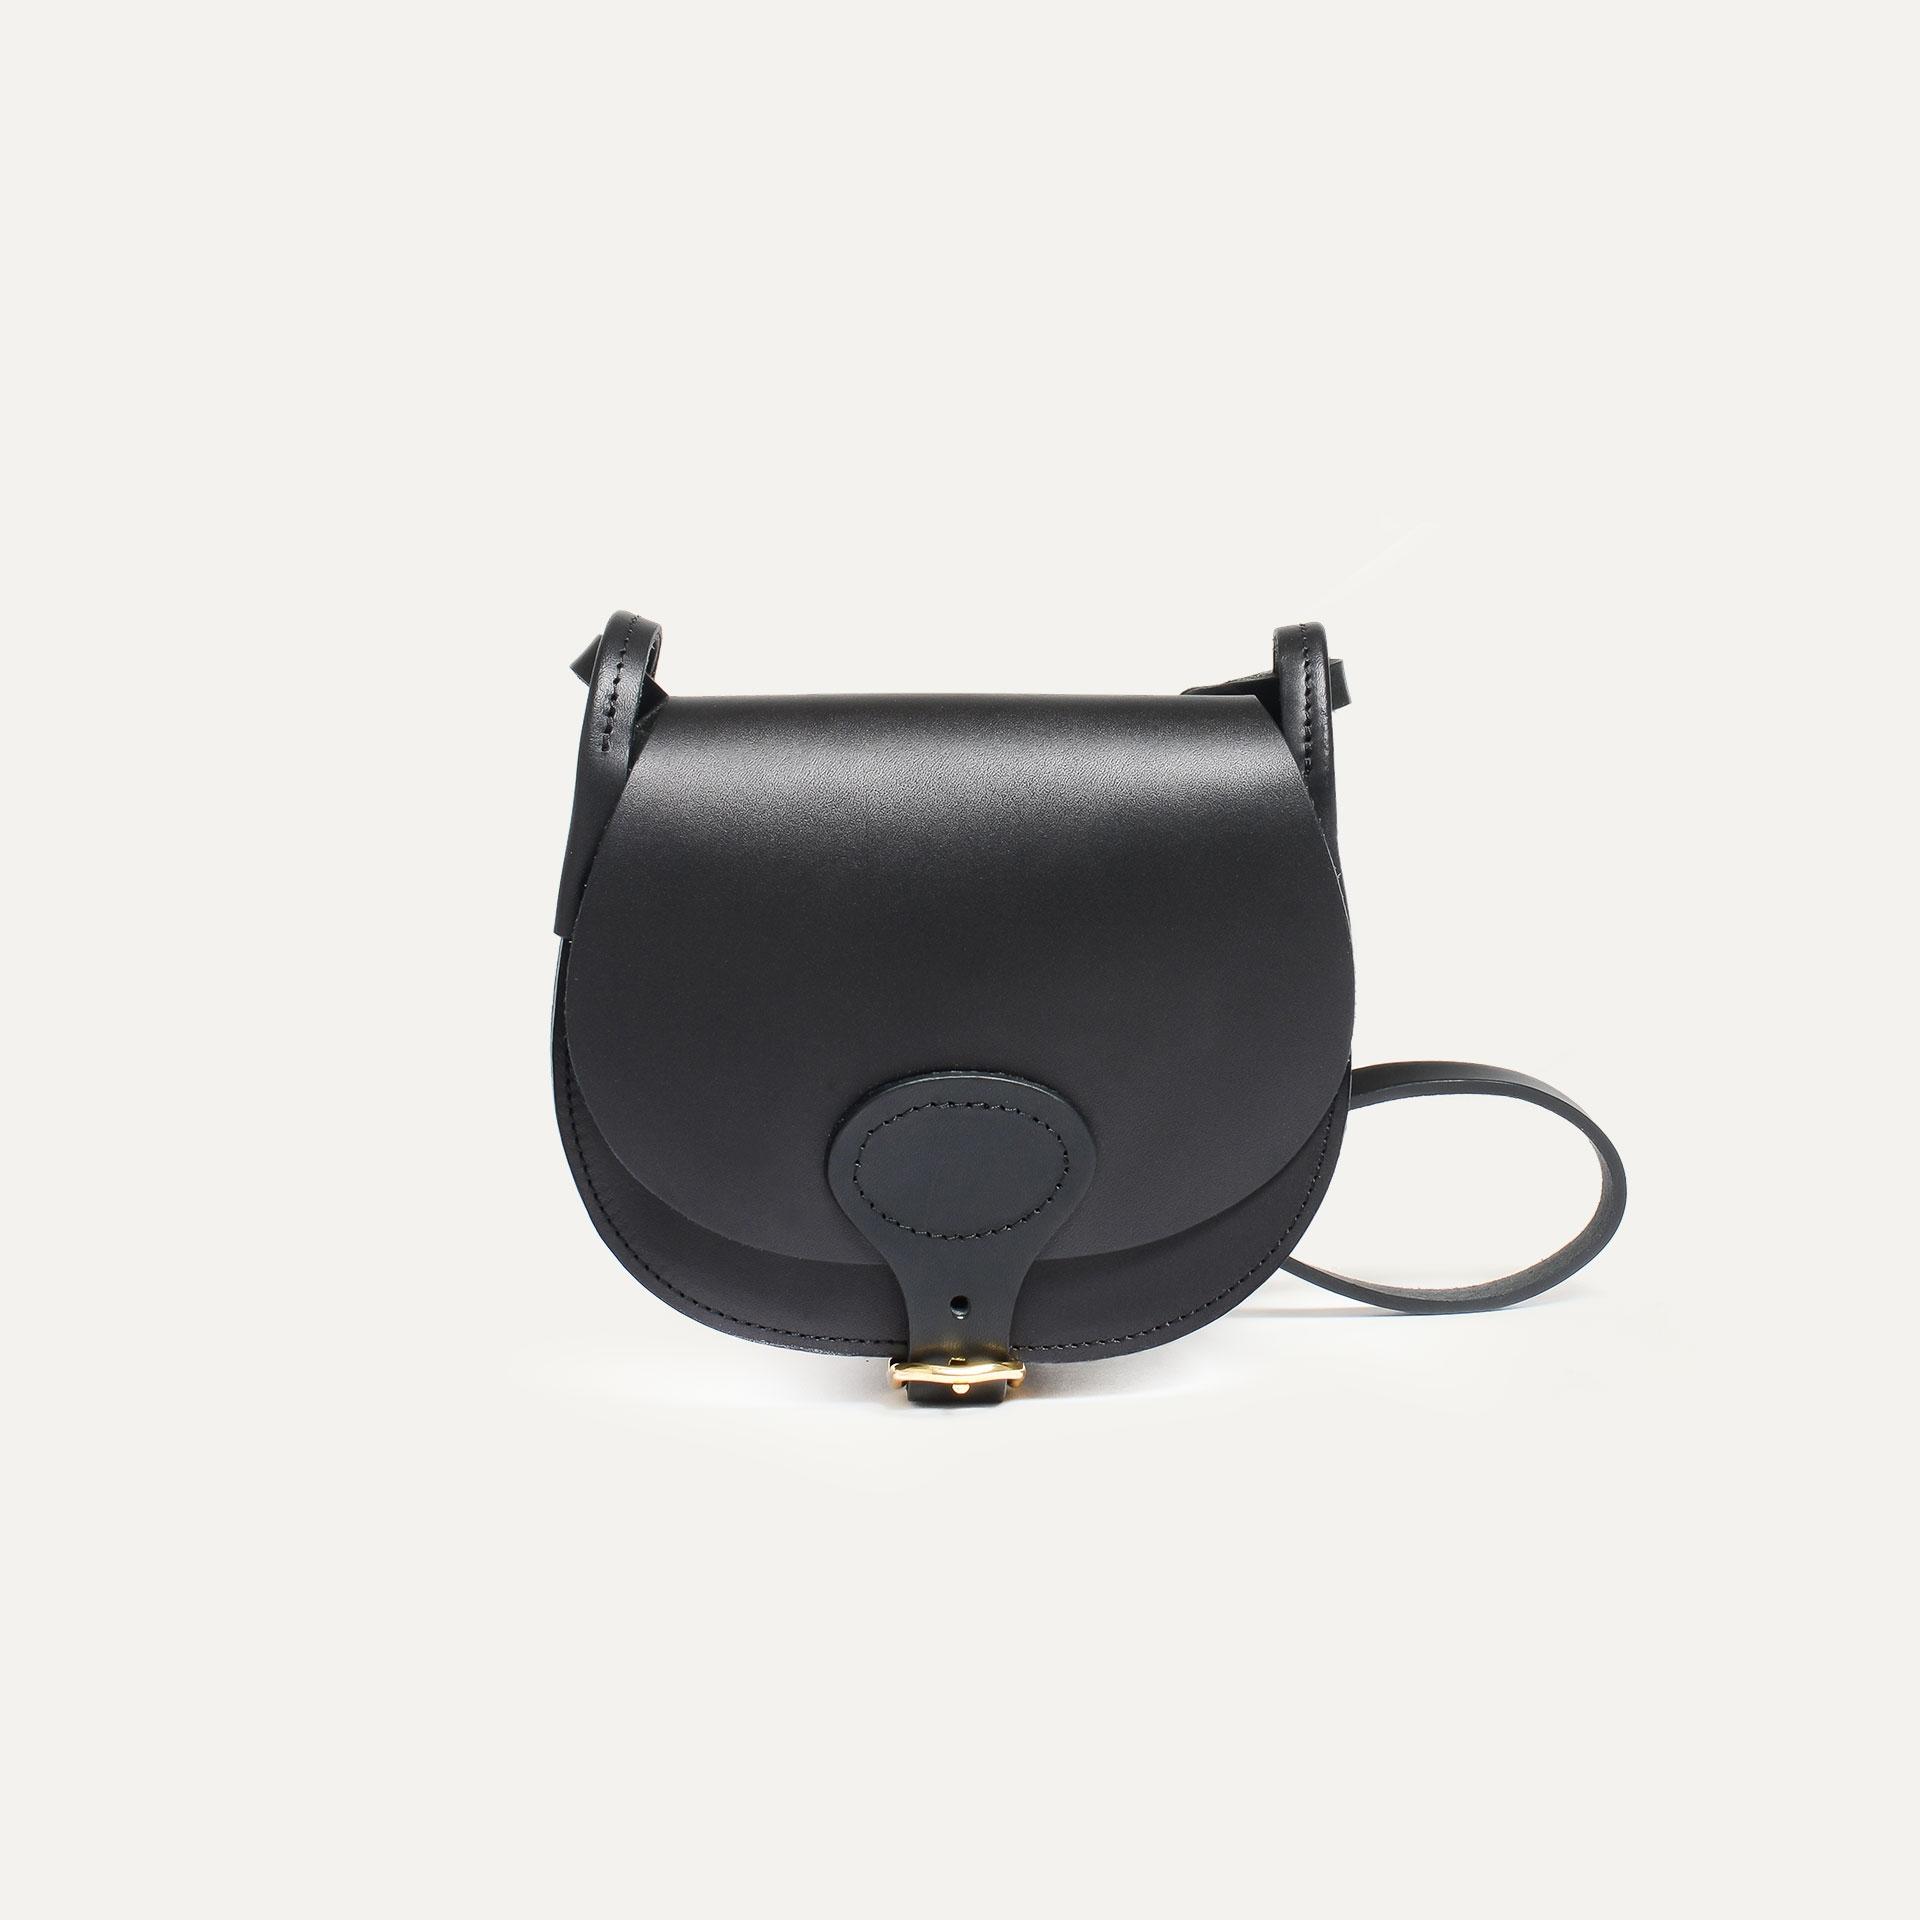 Diane S Gibecière bag - Black (image n°1)